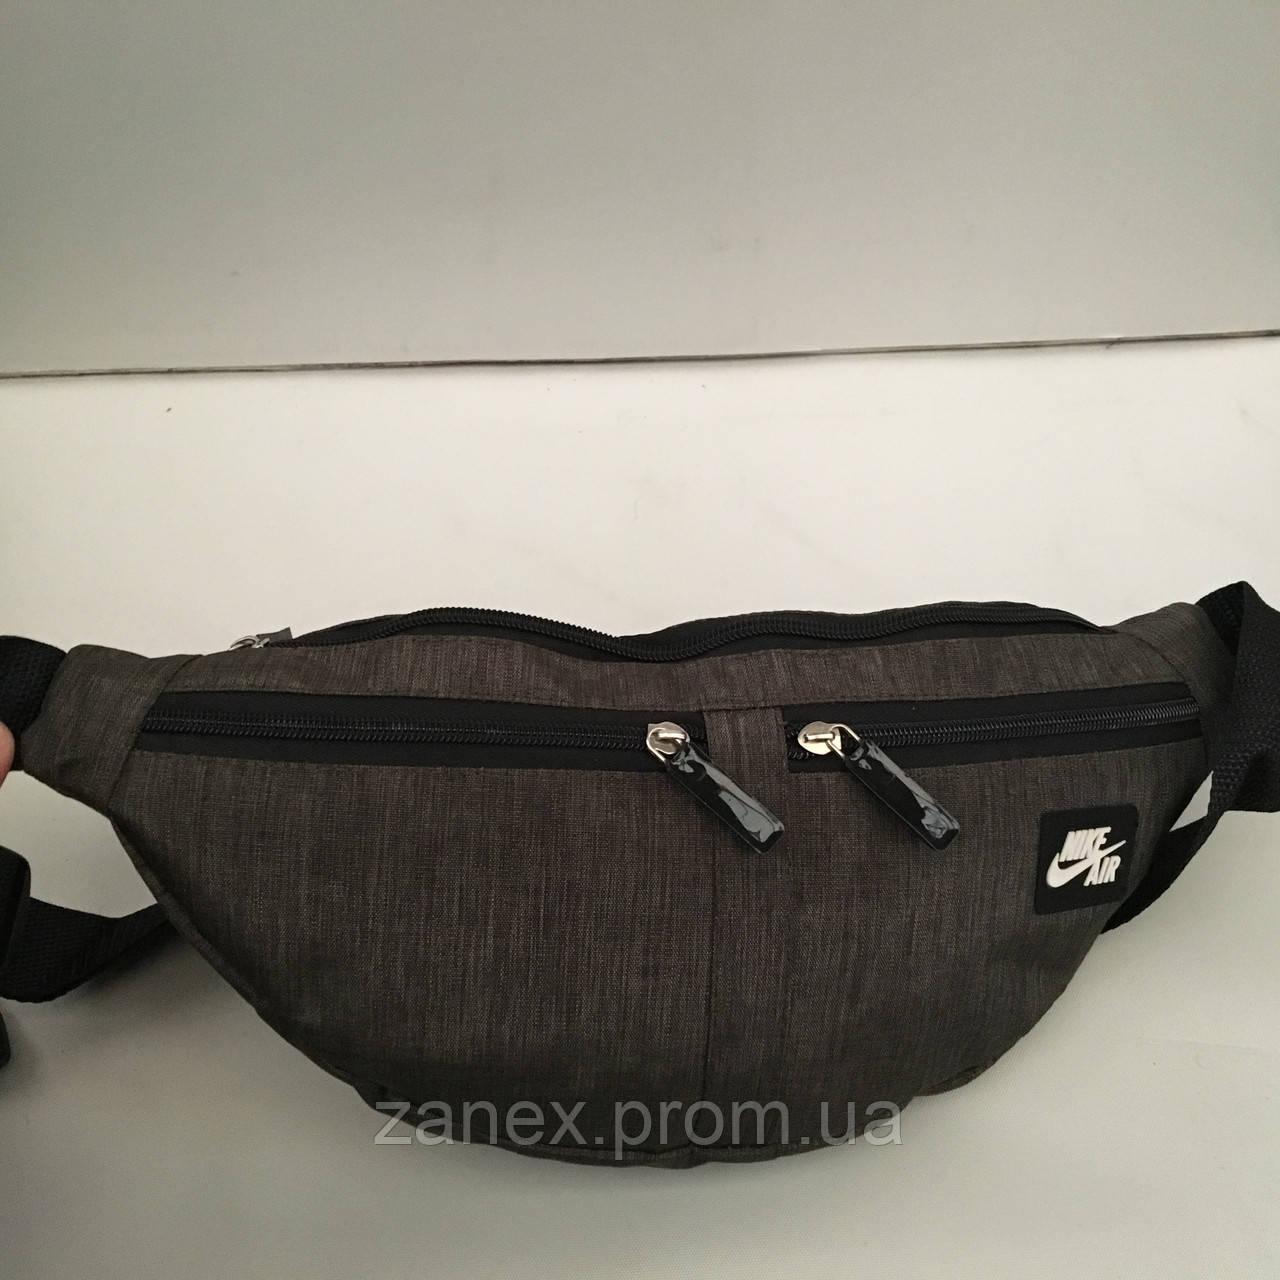 Поясная сумка коричневый Nike 4 отделения (Бананка, Сумка на пояс, сумка на плечо)